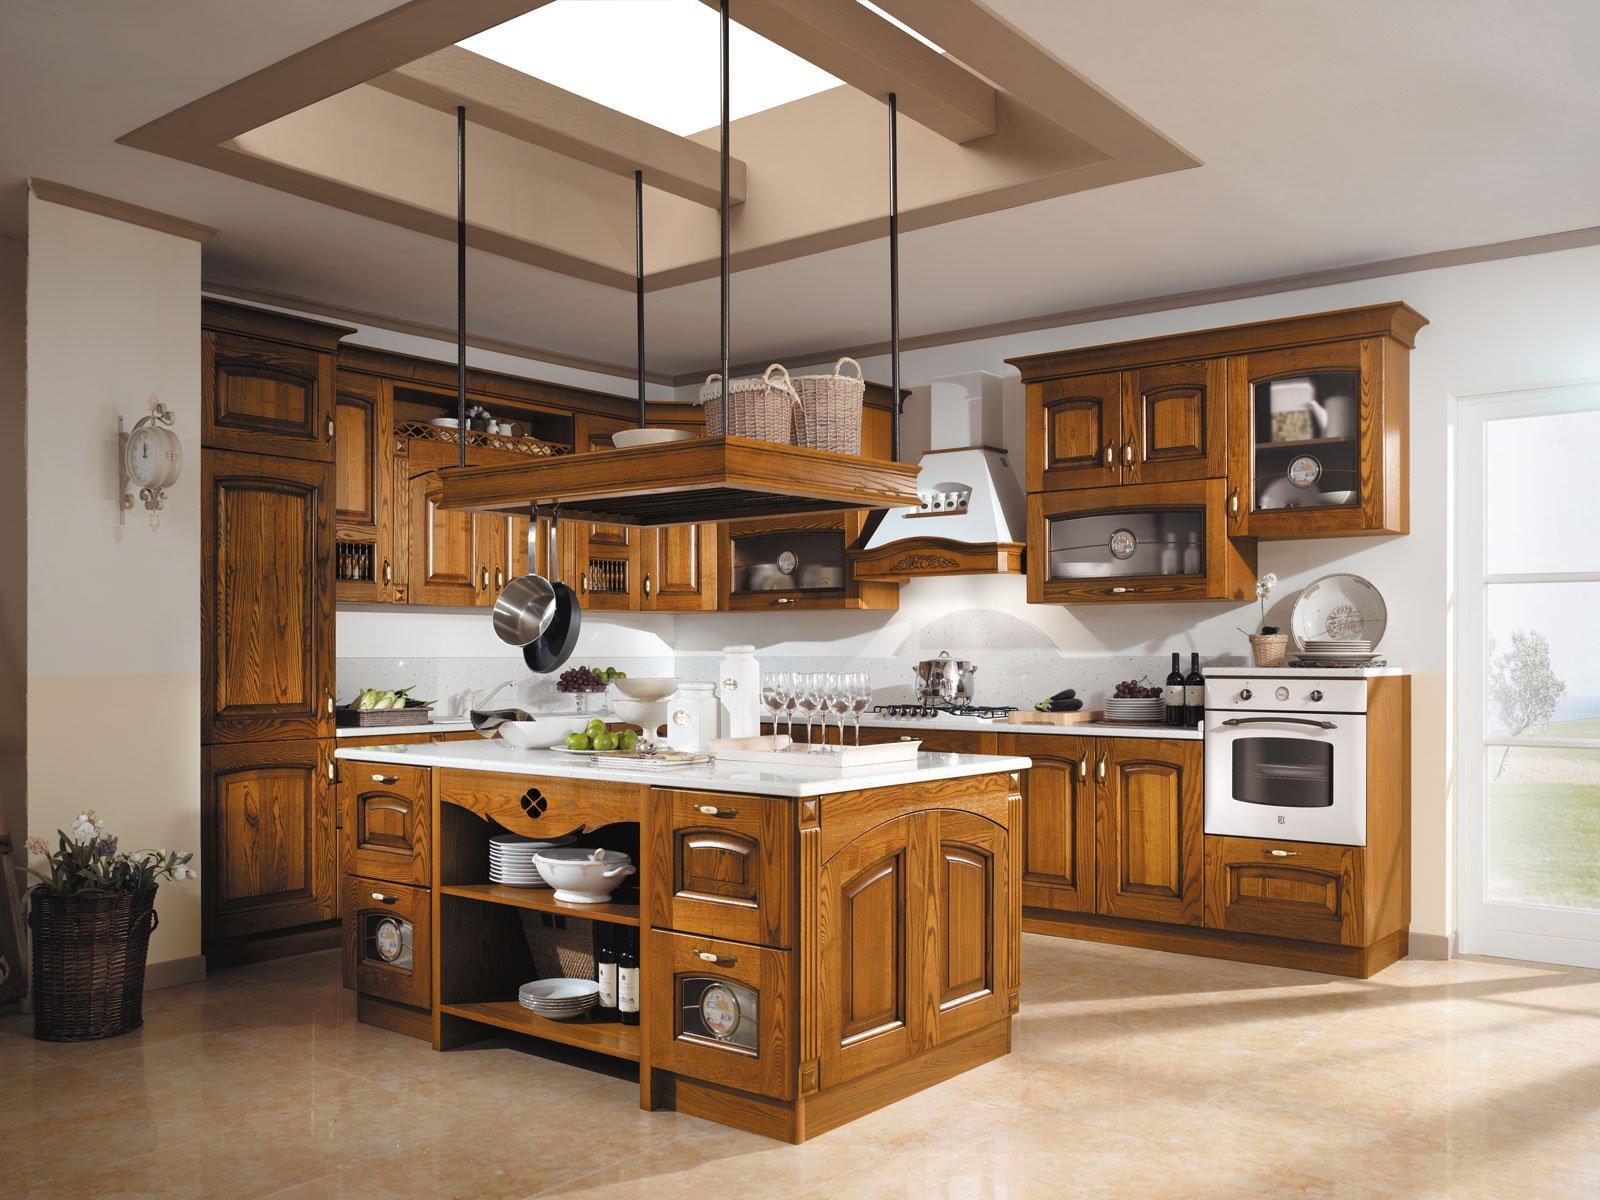 Cucine in legno tradizionali country o moderne cose di - Foto di cucine ...